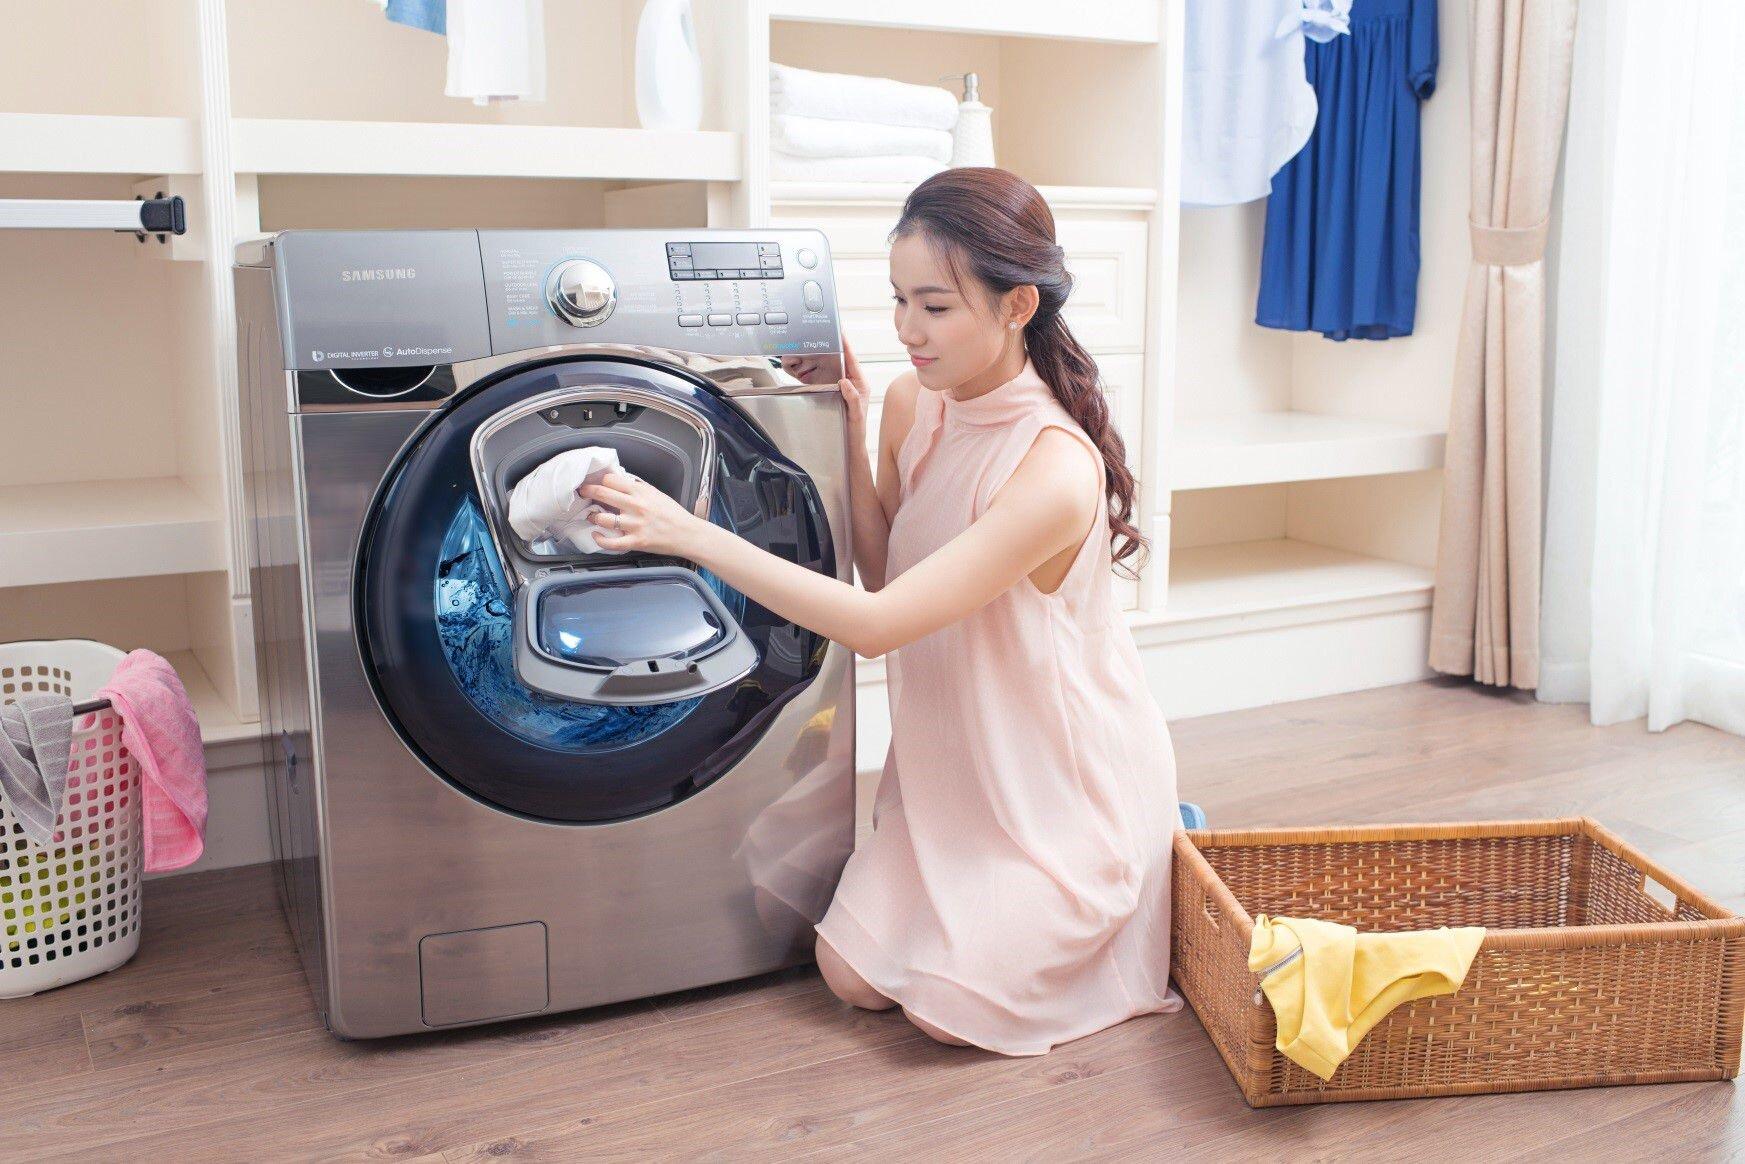 Với các tùy chọn bổ sung bạn có thể hẹn giờ hay chọn nhiệt độ nước giặt phù hợp.